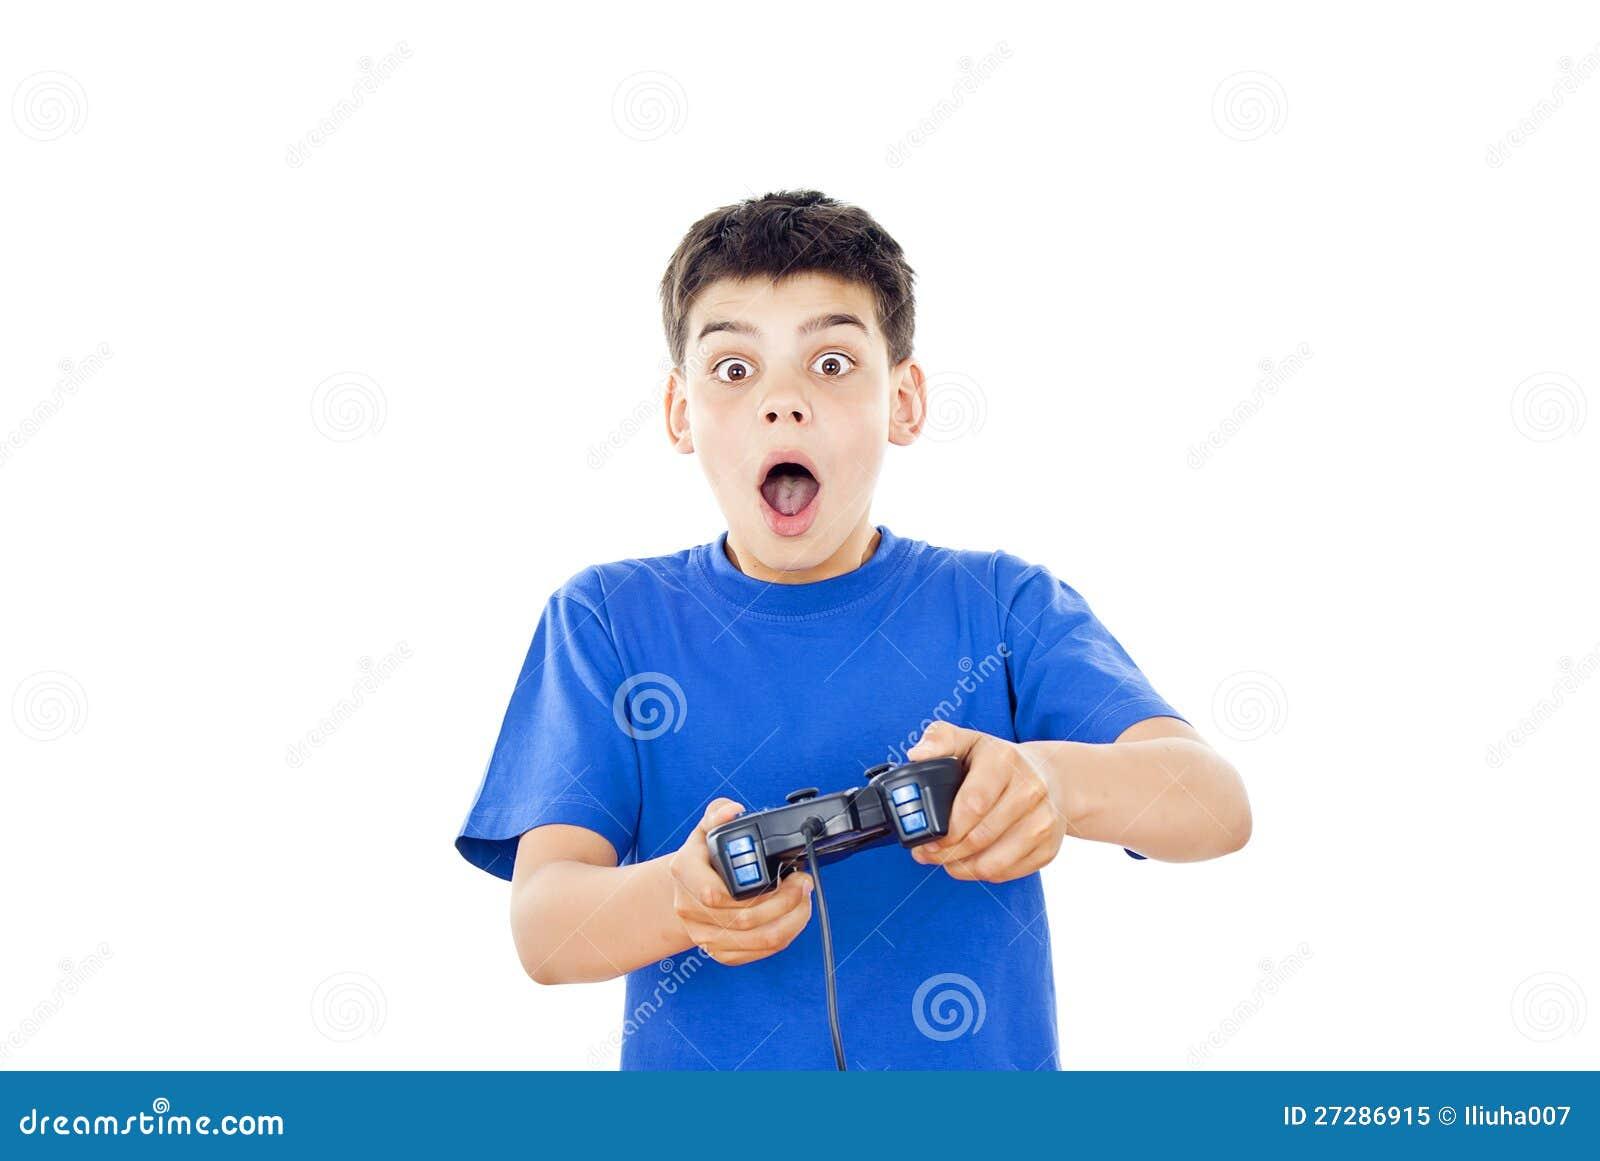 Leka dataspelar för härlig pojke